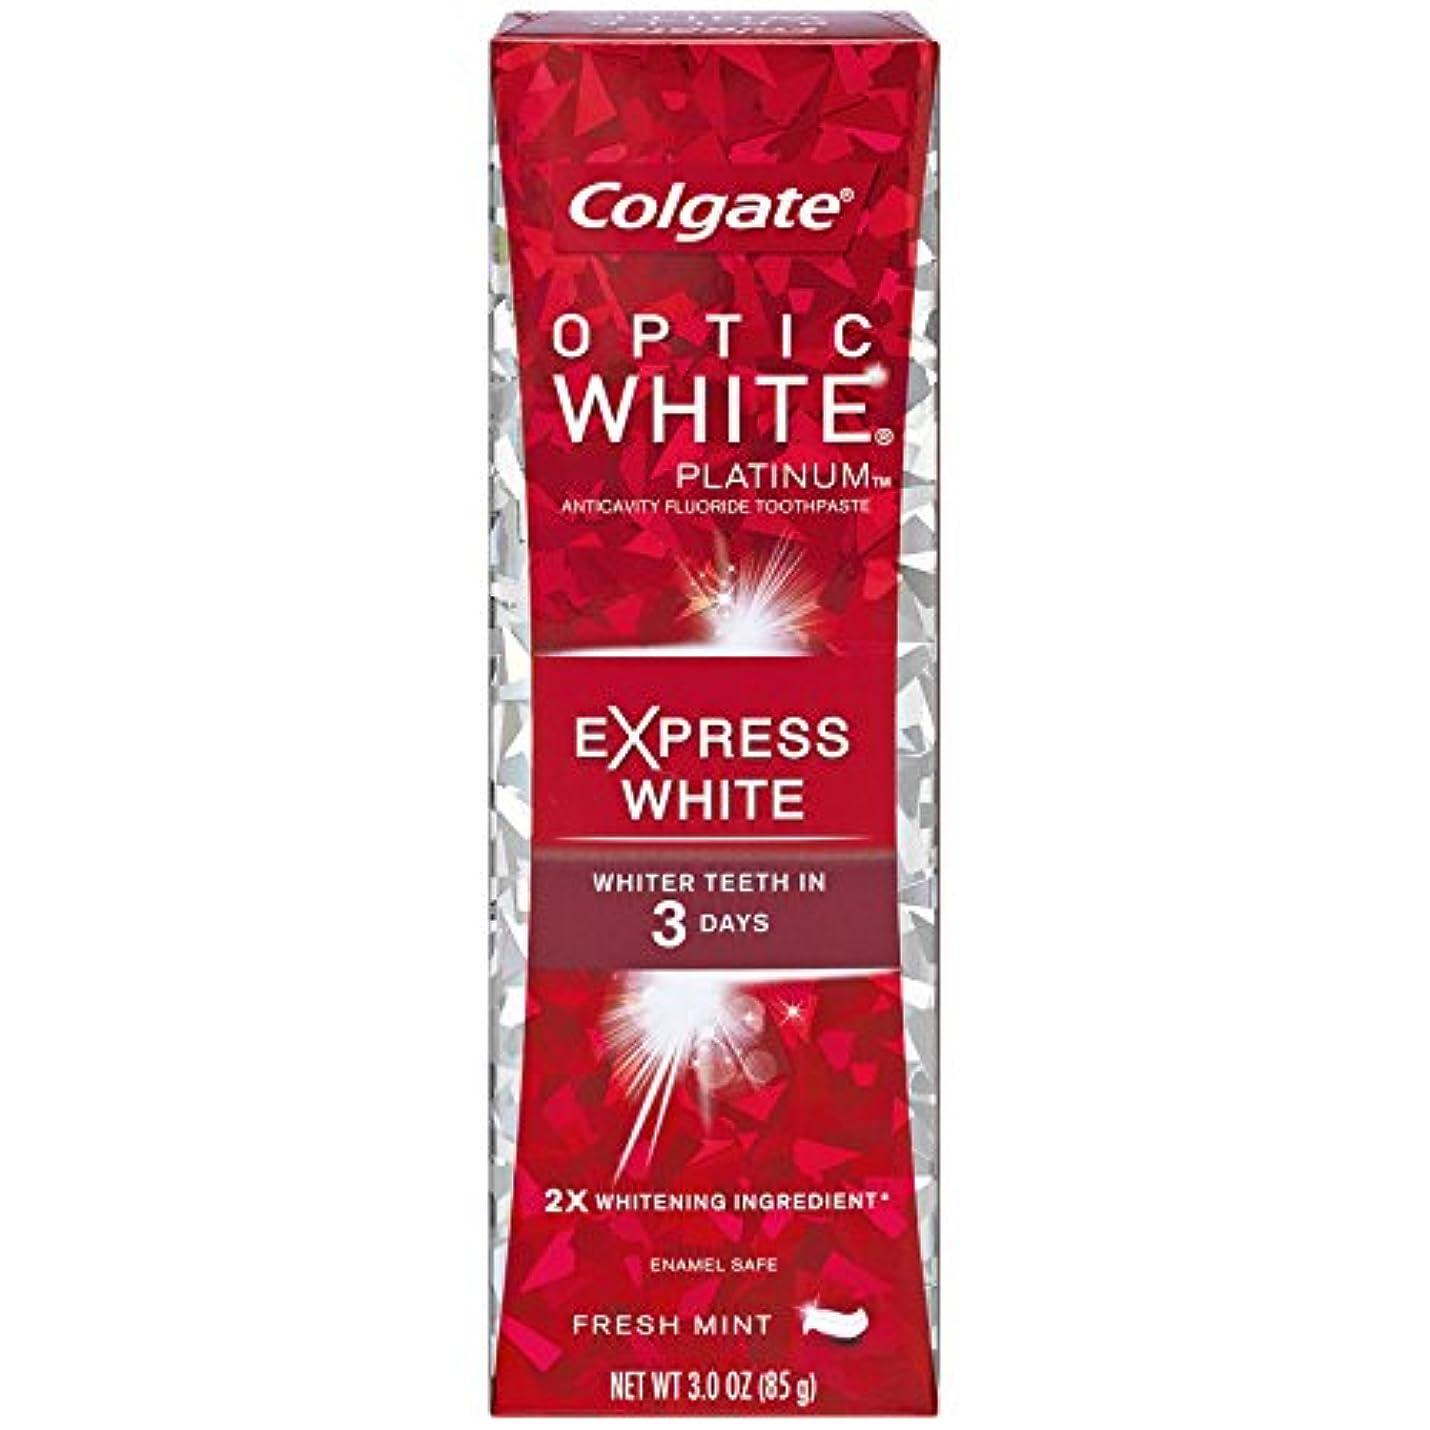 広いランチョン競争力のあるコルゲート 歯みがき粉 オプティック ホワイト 3Days エクスプレス ホワイト